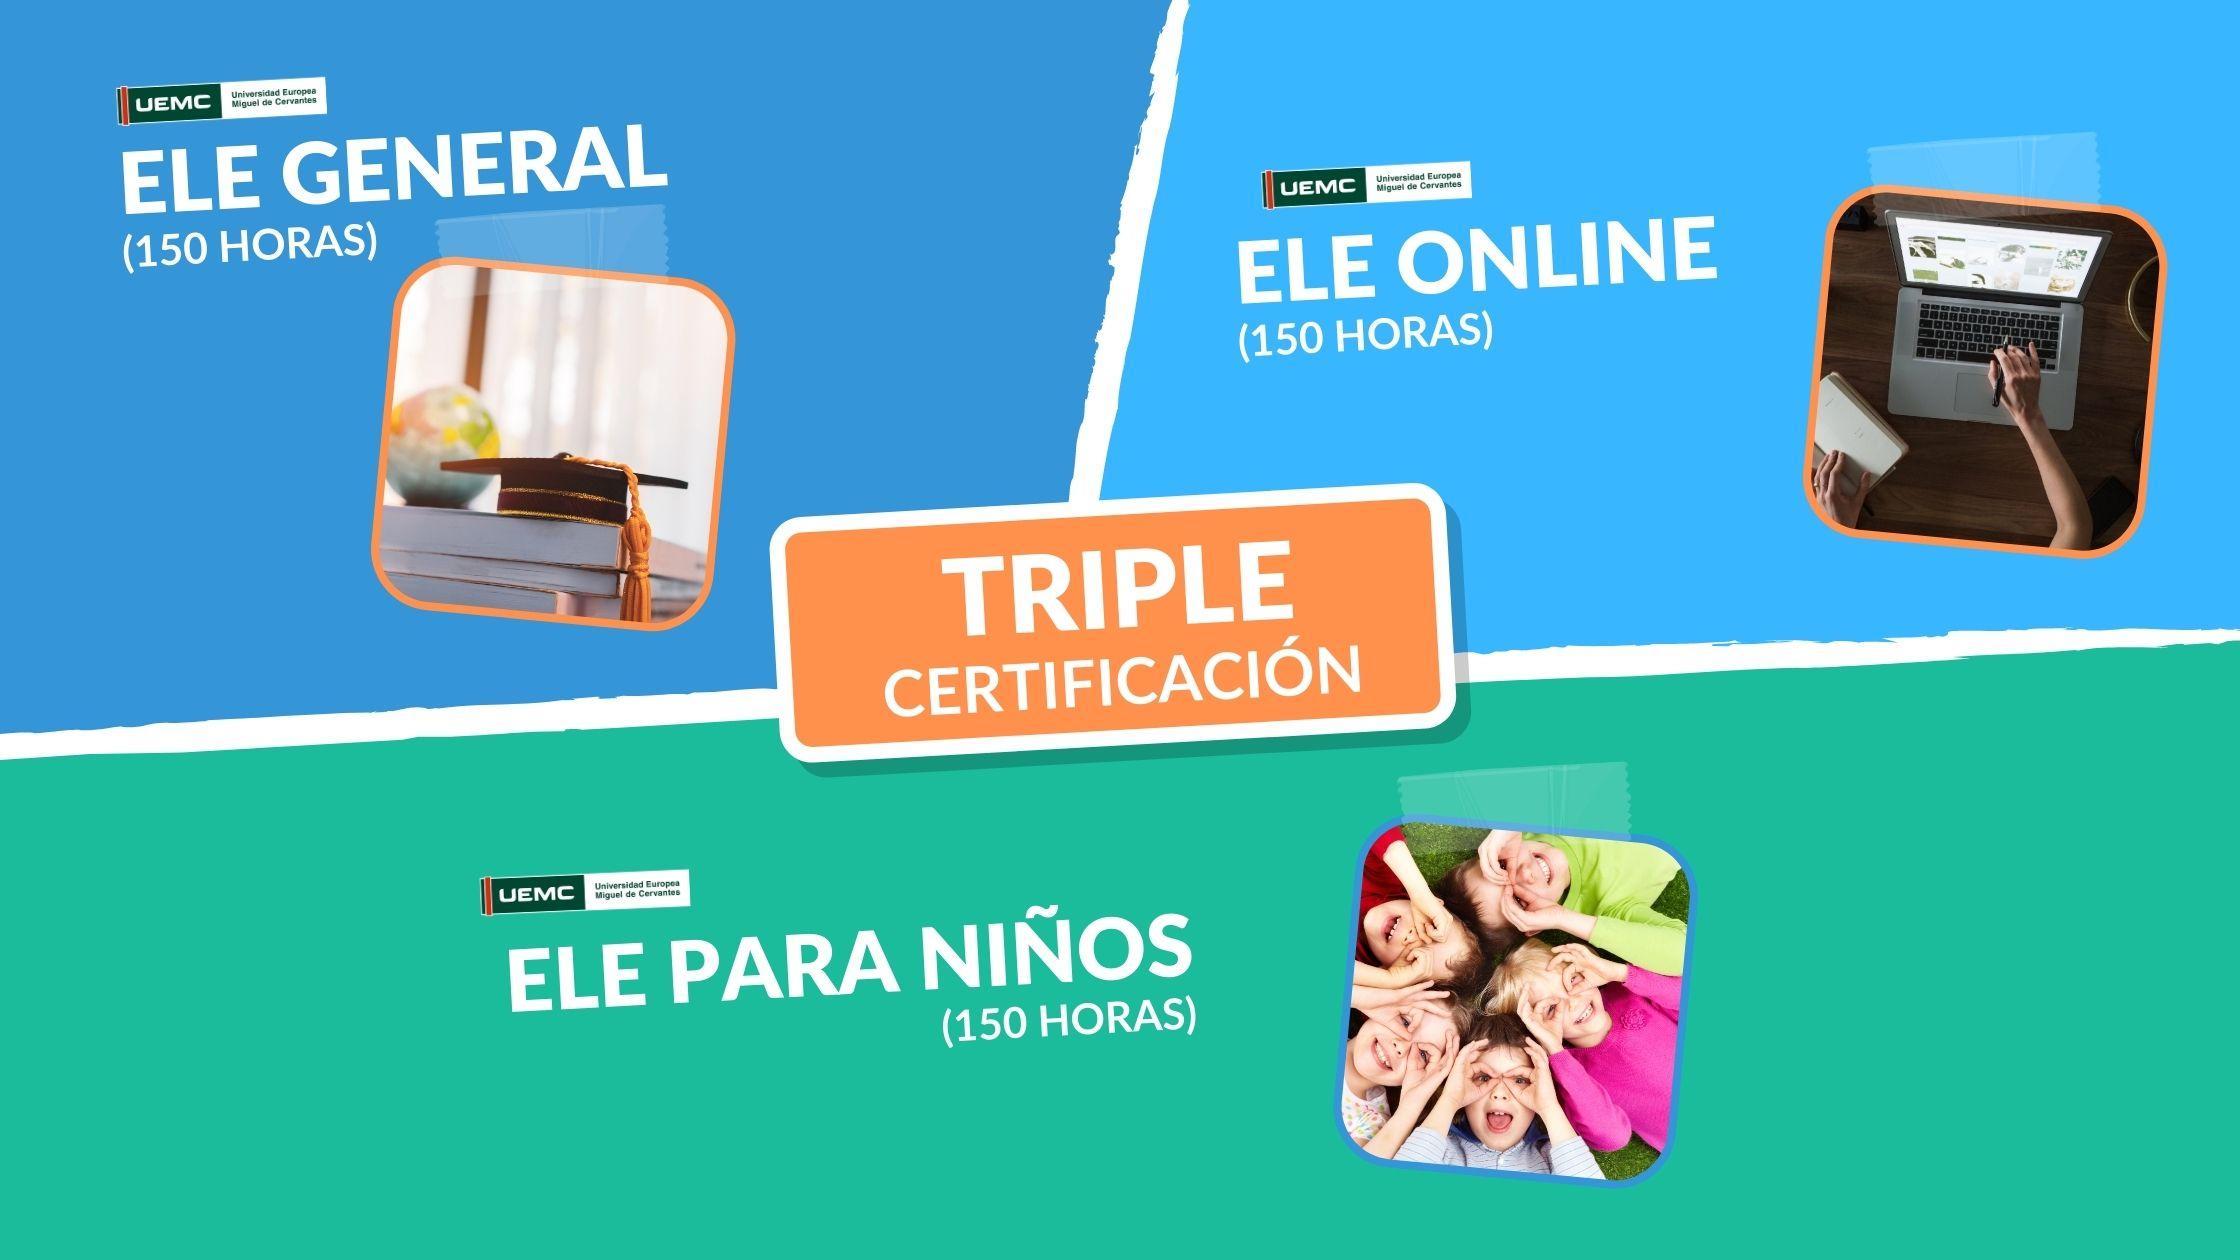 Triple Certificación:  Enseñanza de ELE General + Enseñanza de ELE NIños +Enseñanza de ELE en línea